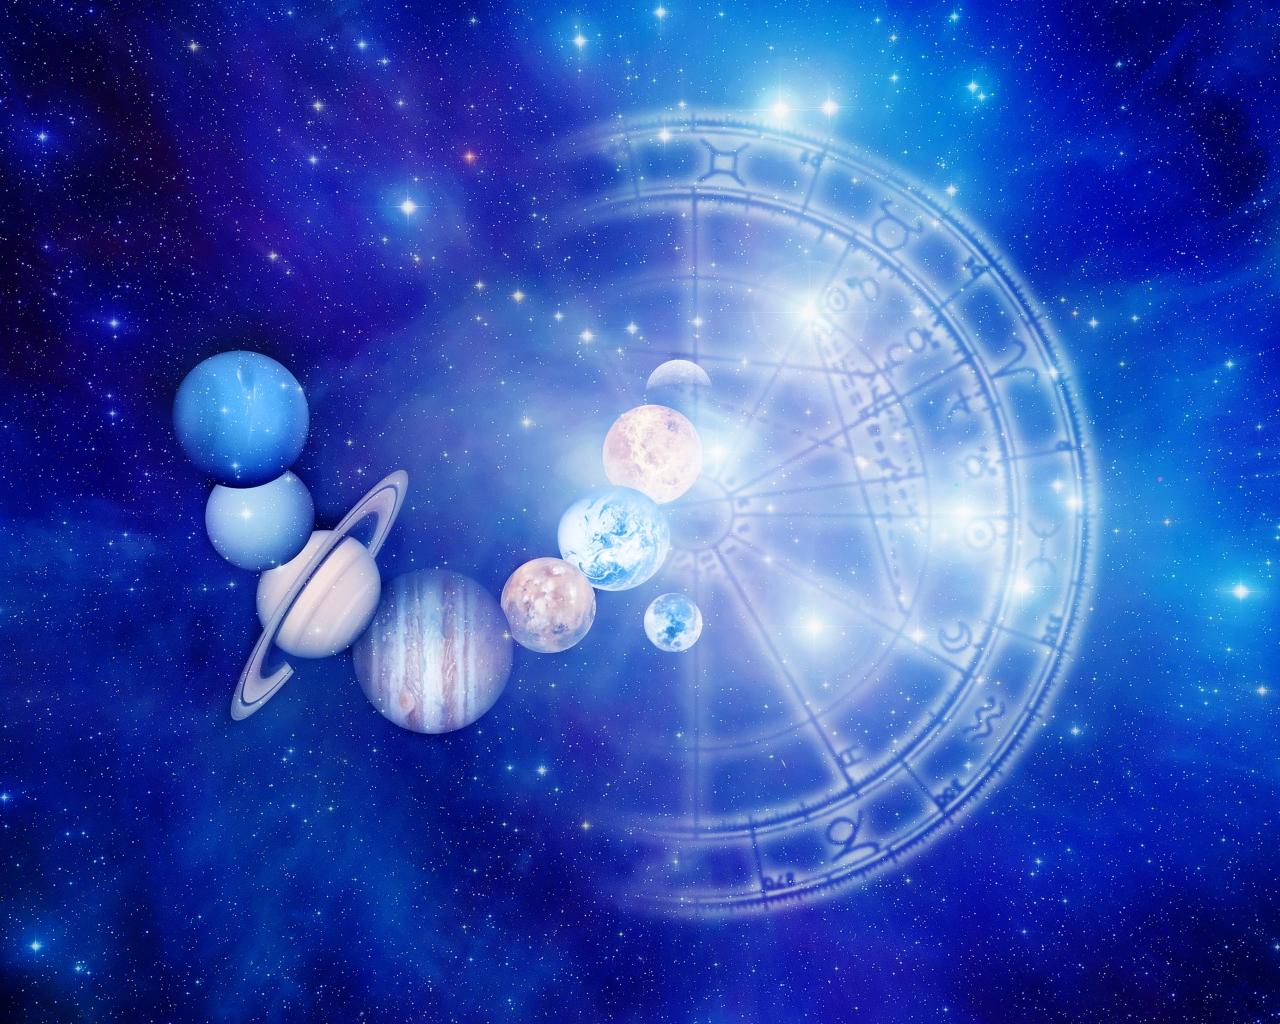 Αλλαγές στον Αστρολογικό Ουρανό που θα φέρουν σημαντικές εξελίξεις